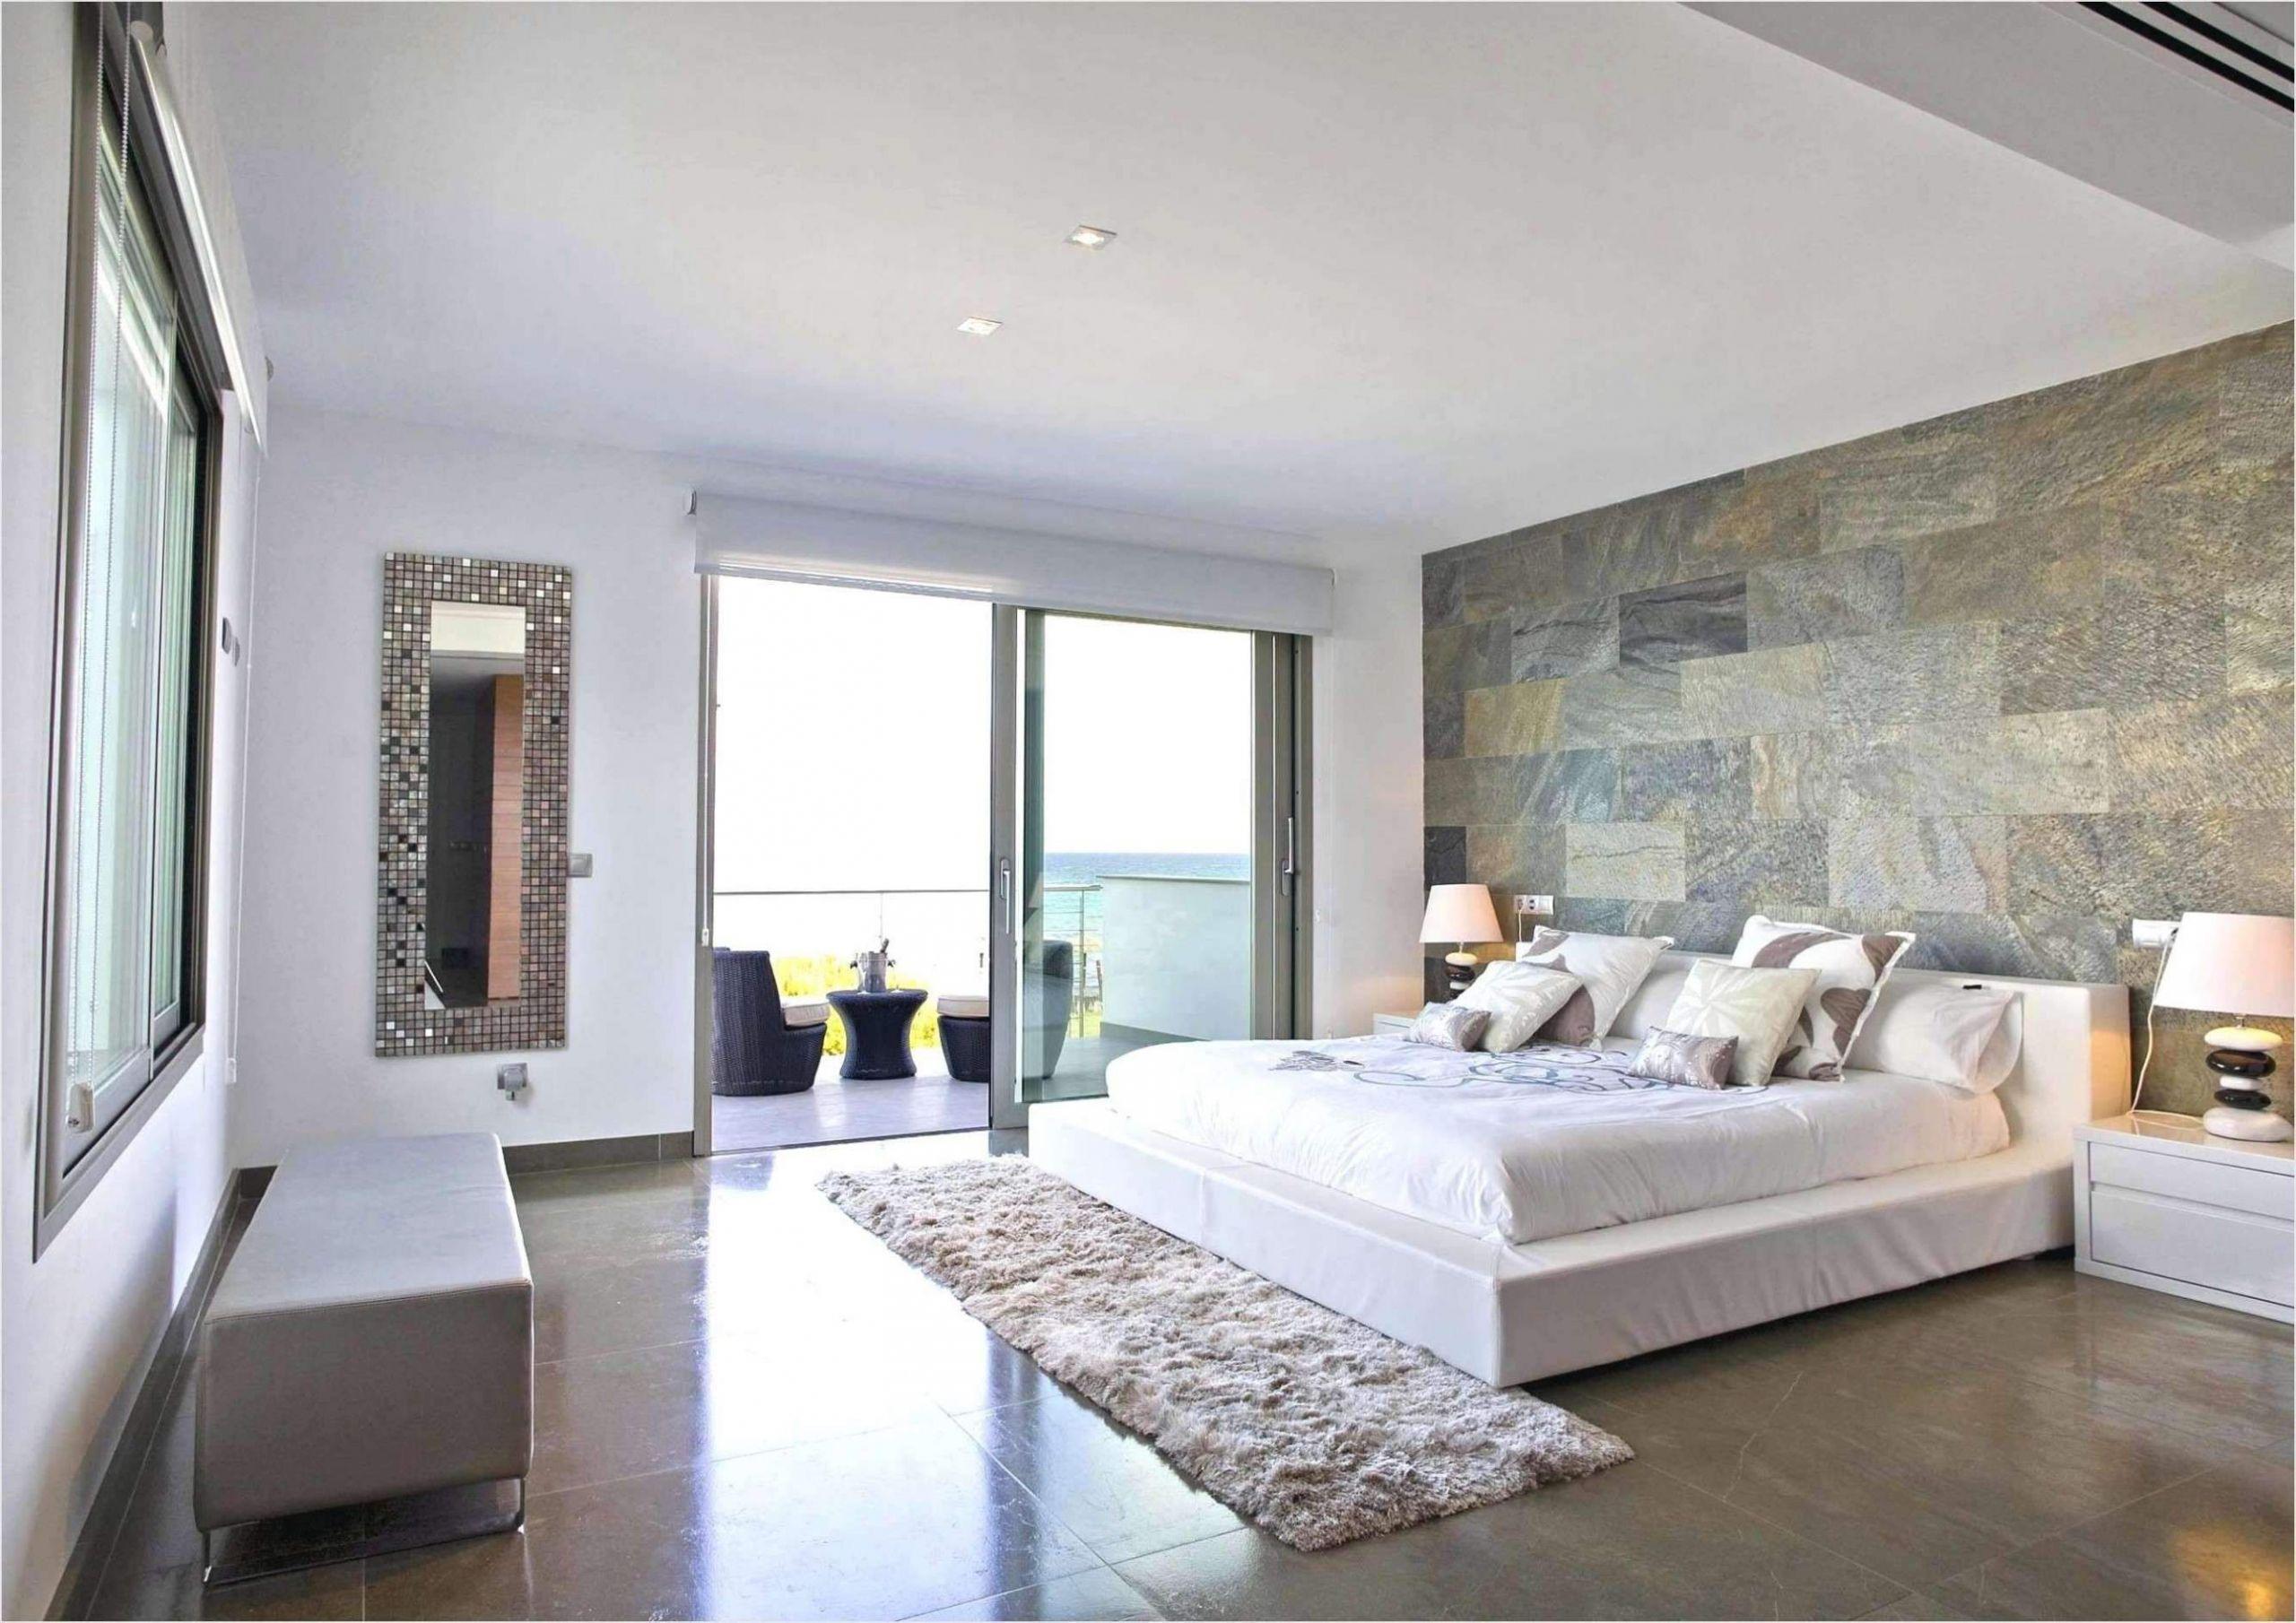 wohnzimmer design ideen elegant wanddeko wohnzimmer ideen neu wanddekoration wohnzimmer 0d of wohnzimmer design ideen